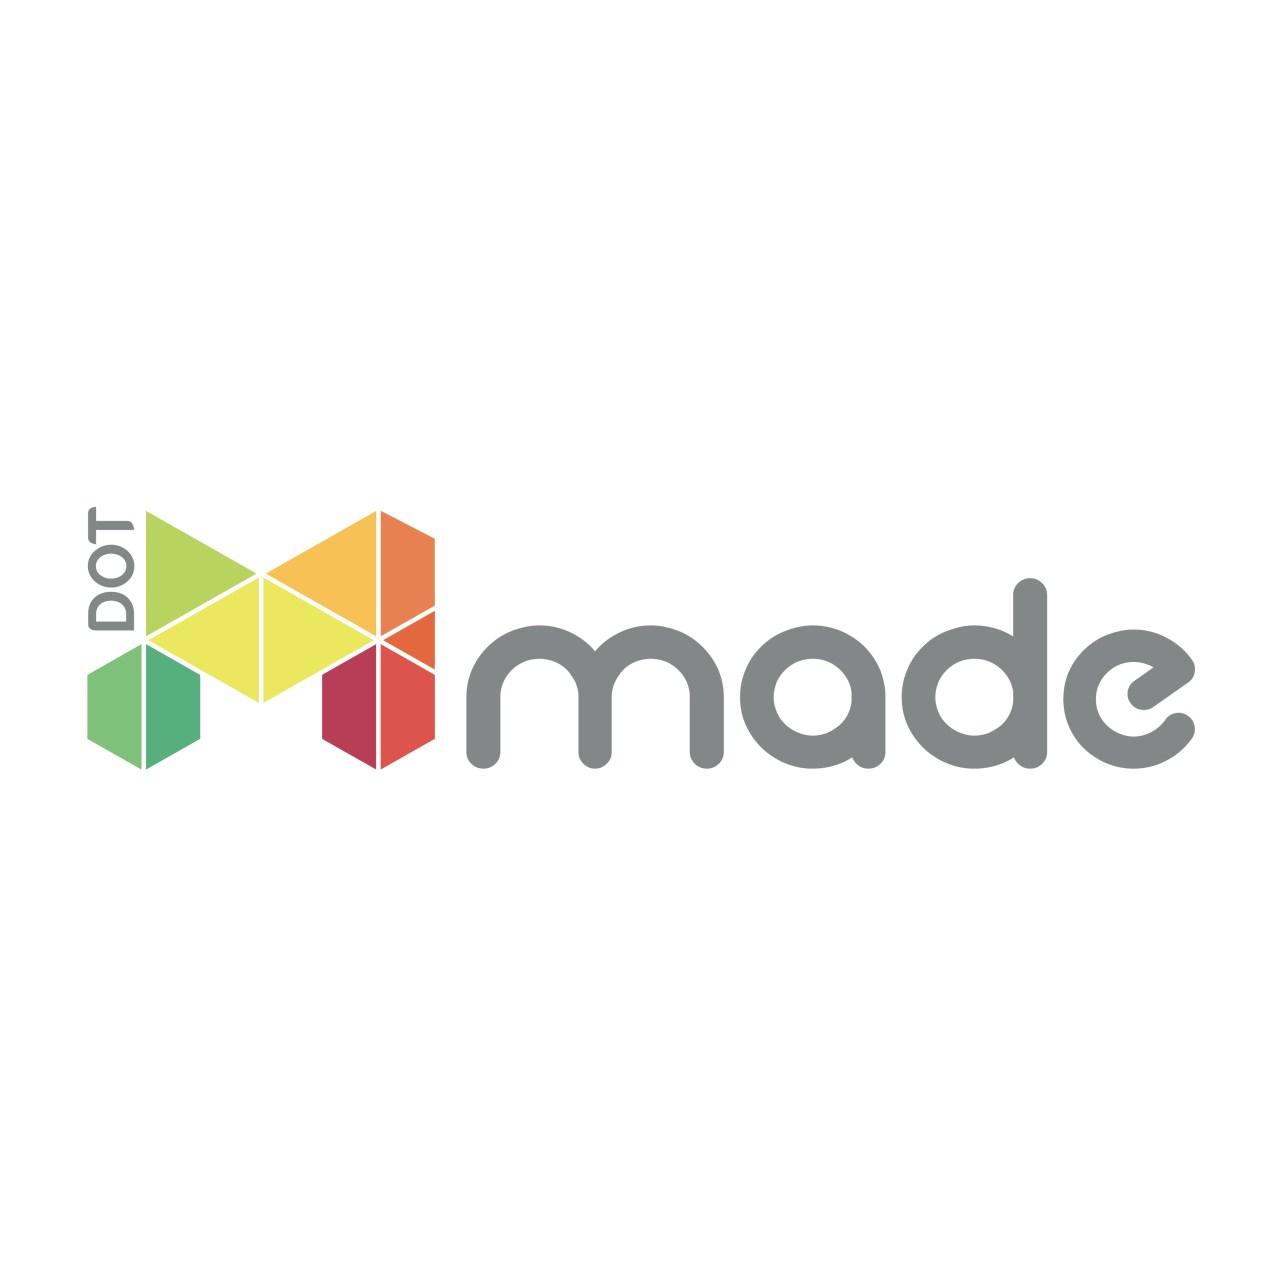 DOT Made Sqr logo